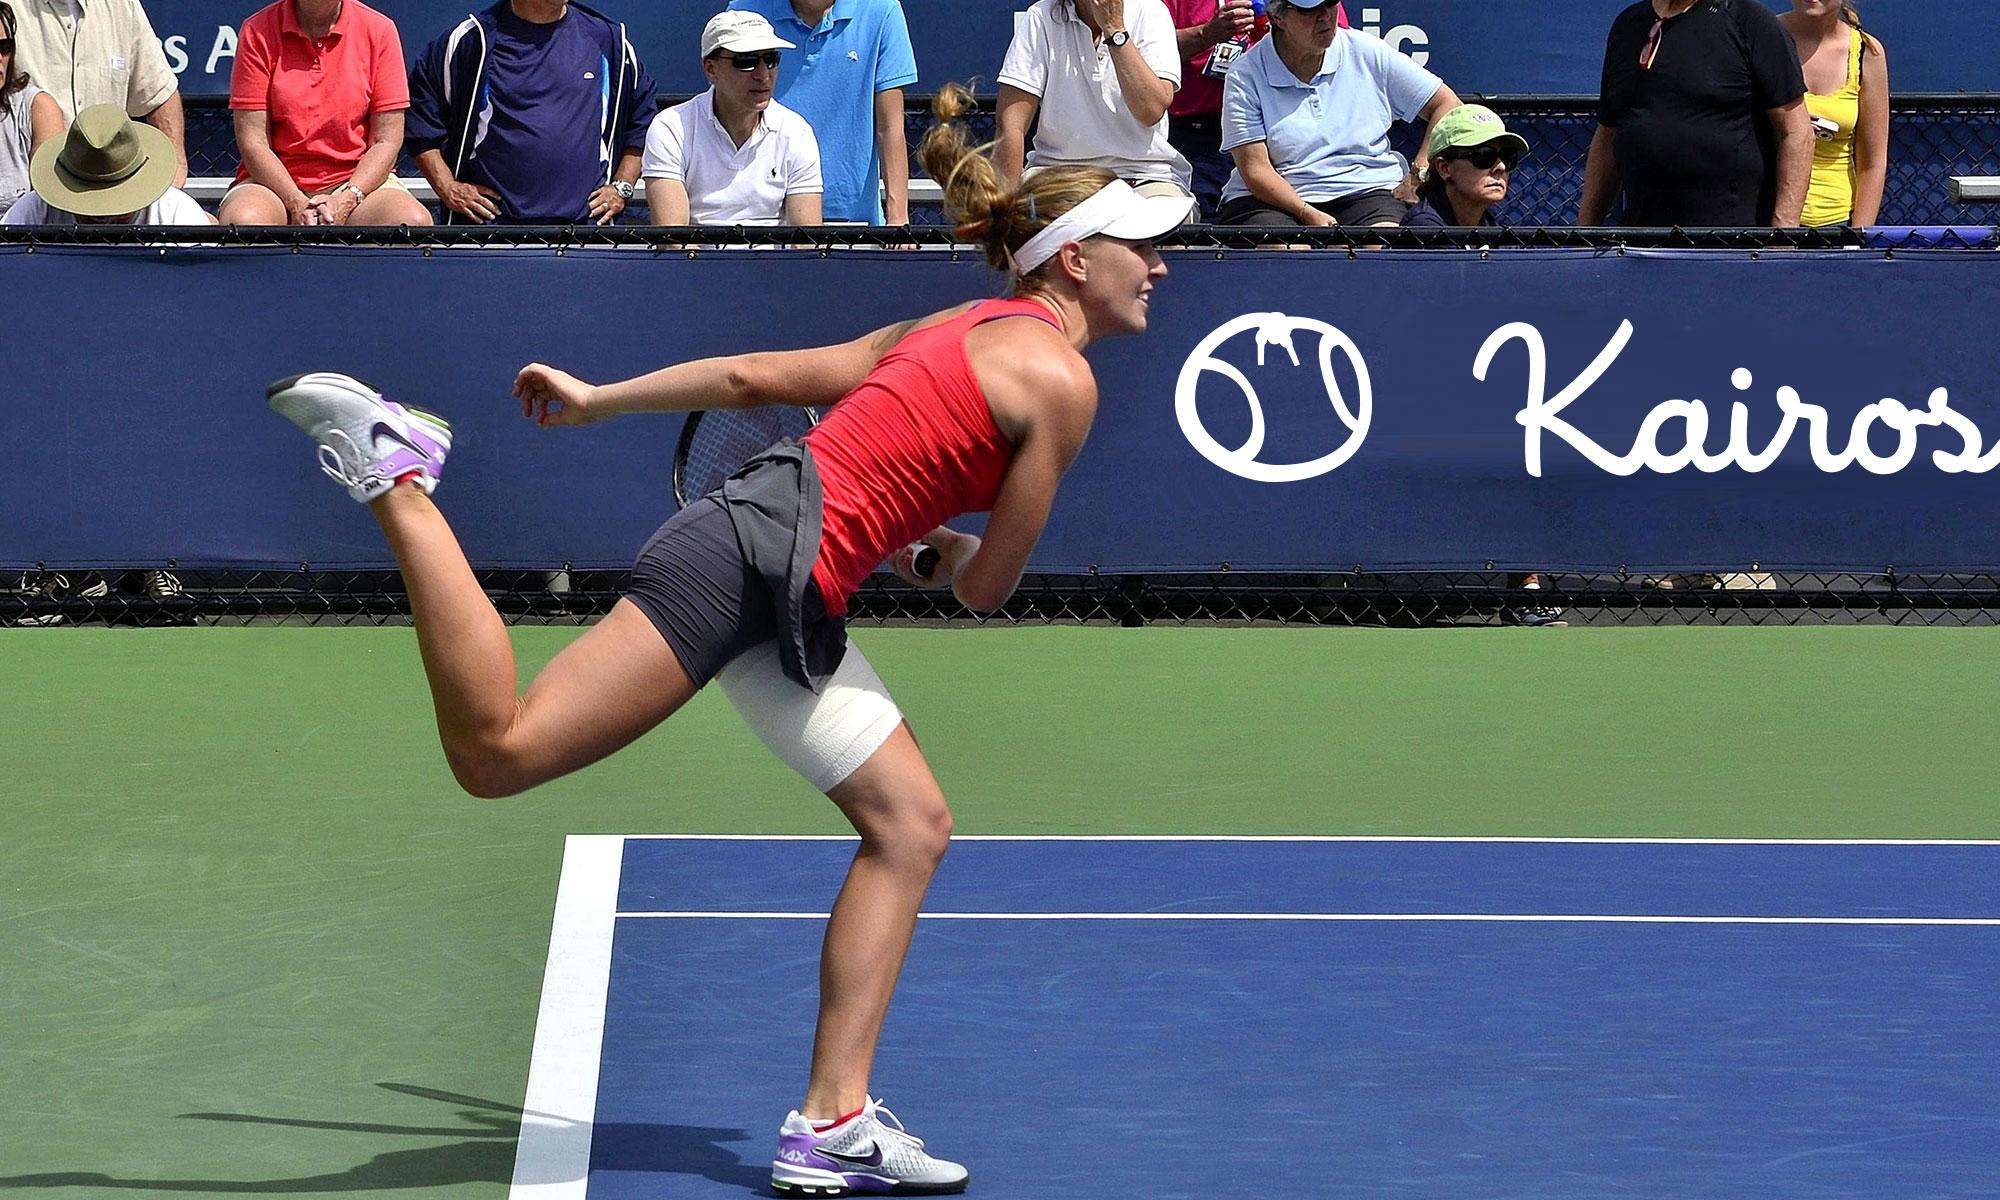 Kairos tennis sponsorship